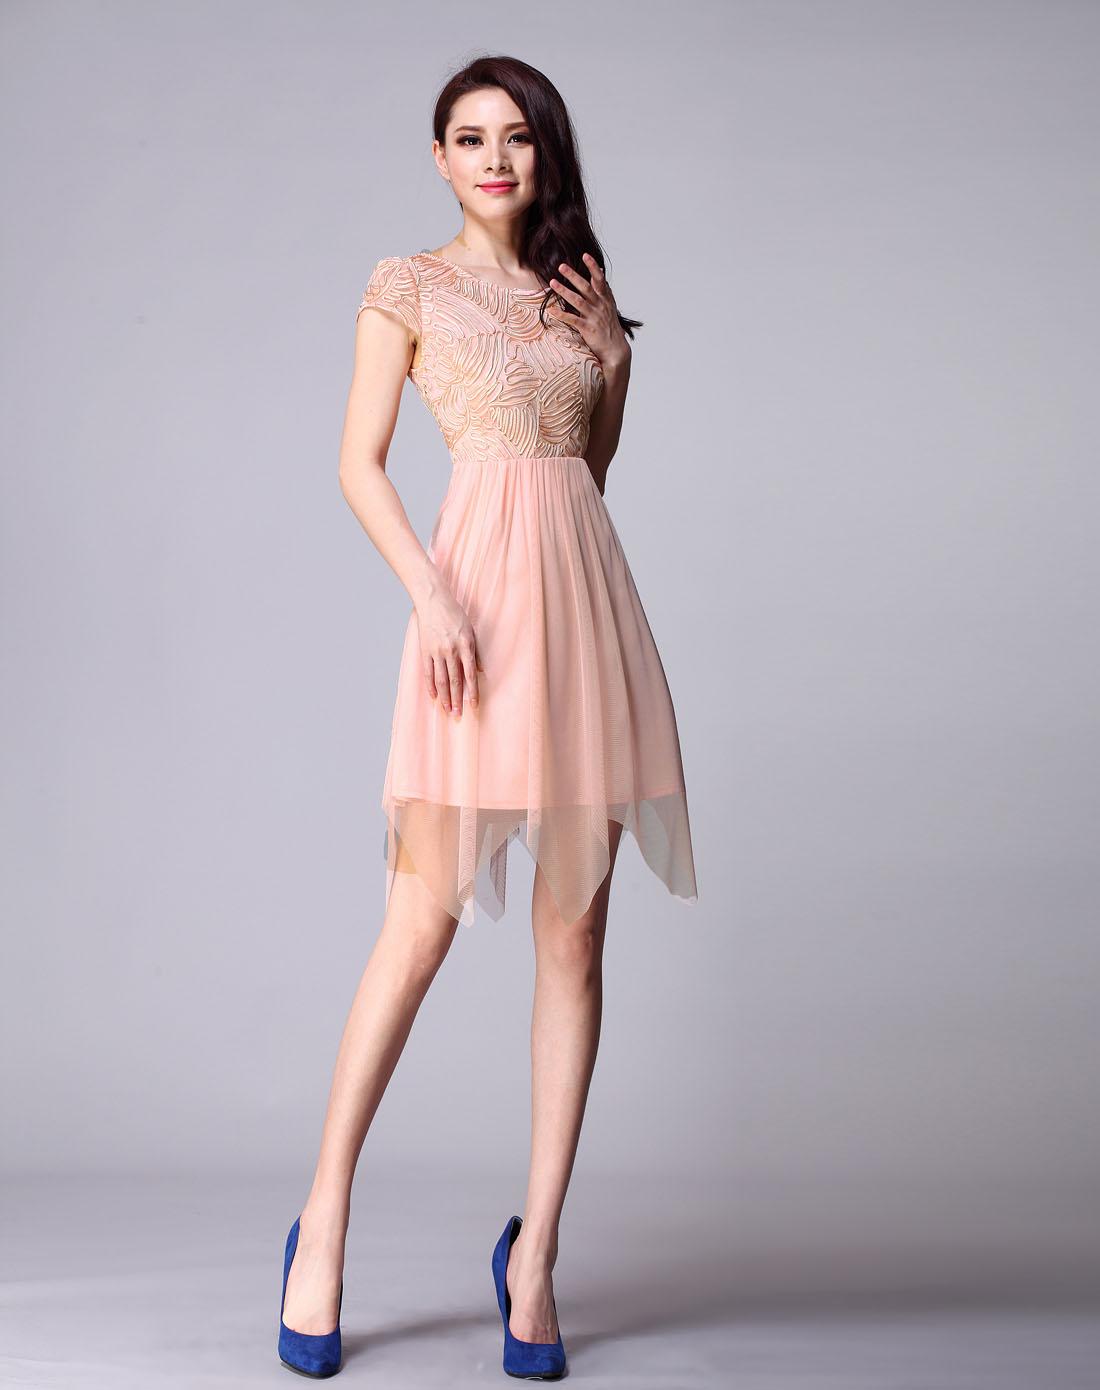 轻熟女装_zimmur女装专场-粉橙色短袖轻熟范修身连衣裙